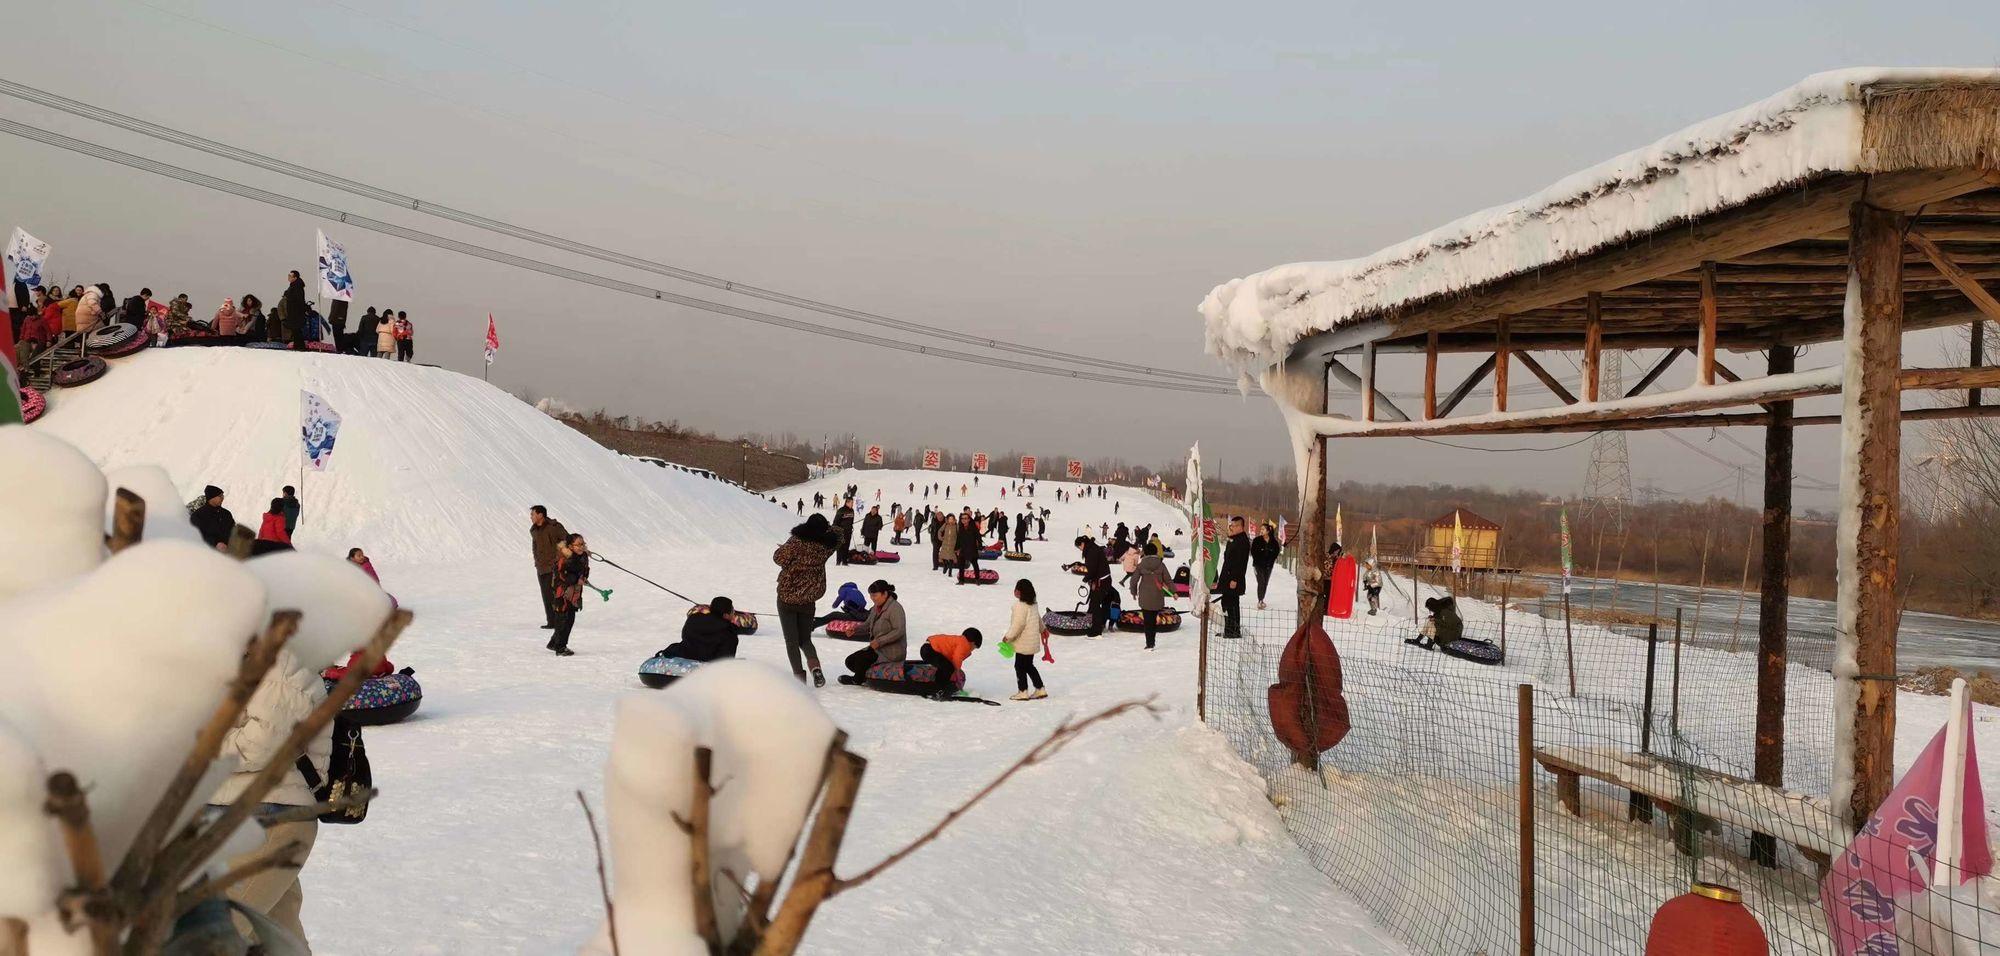 新玩法,擦出冬季冰雪旅游火花